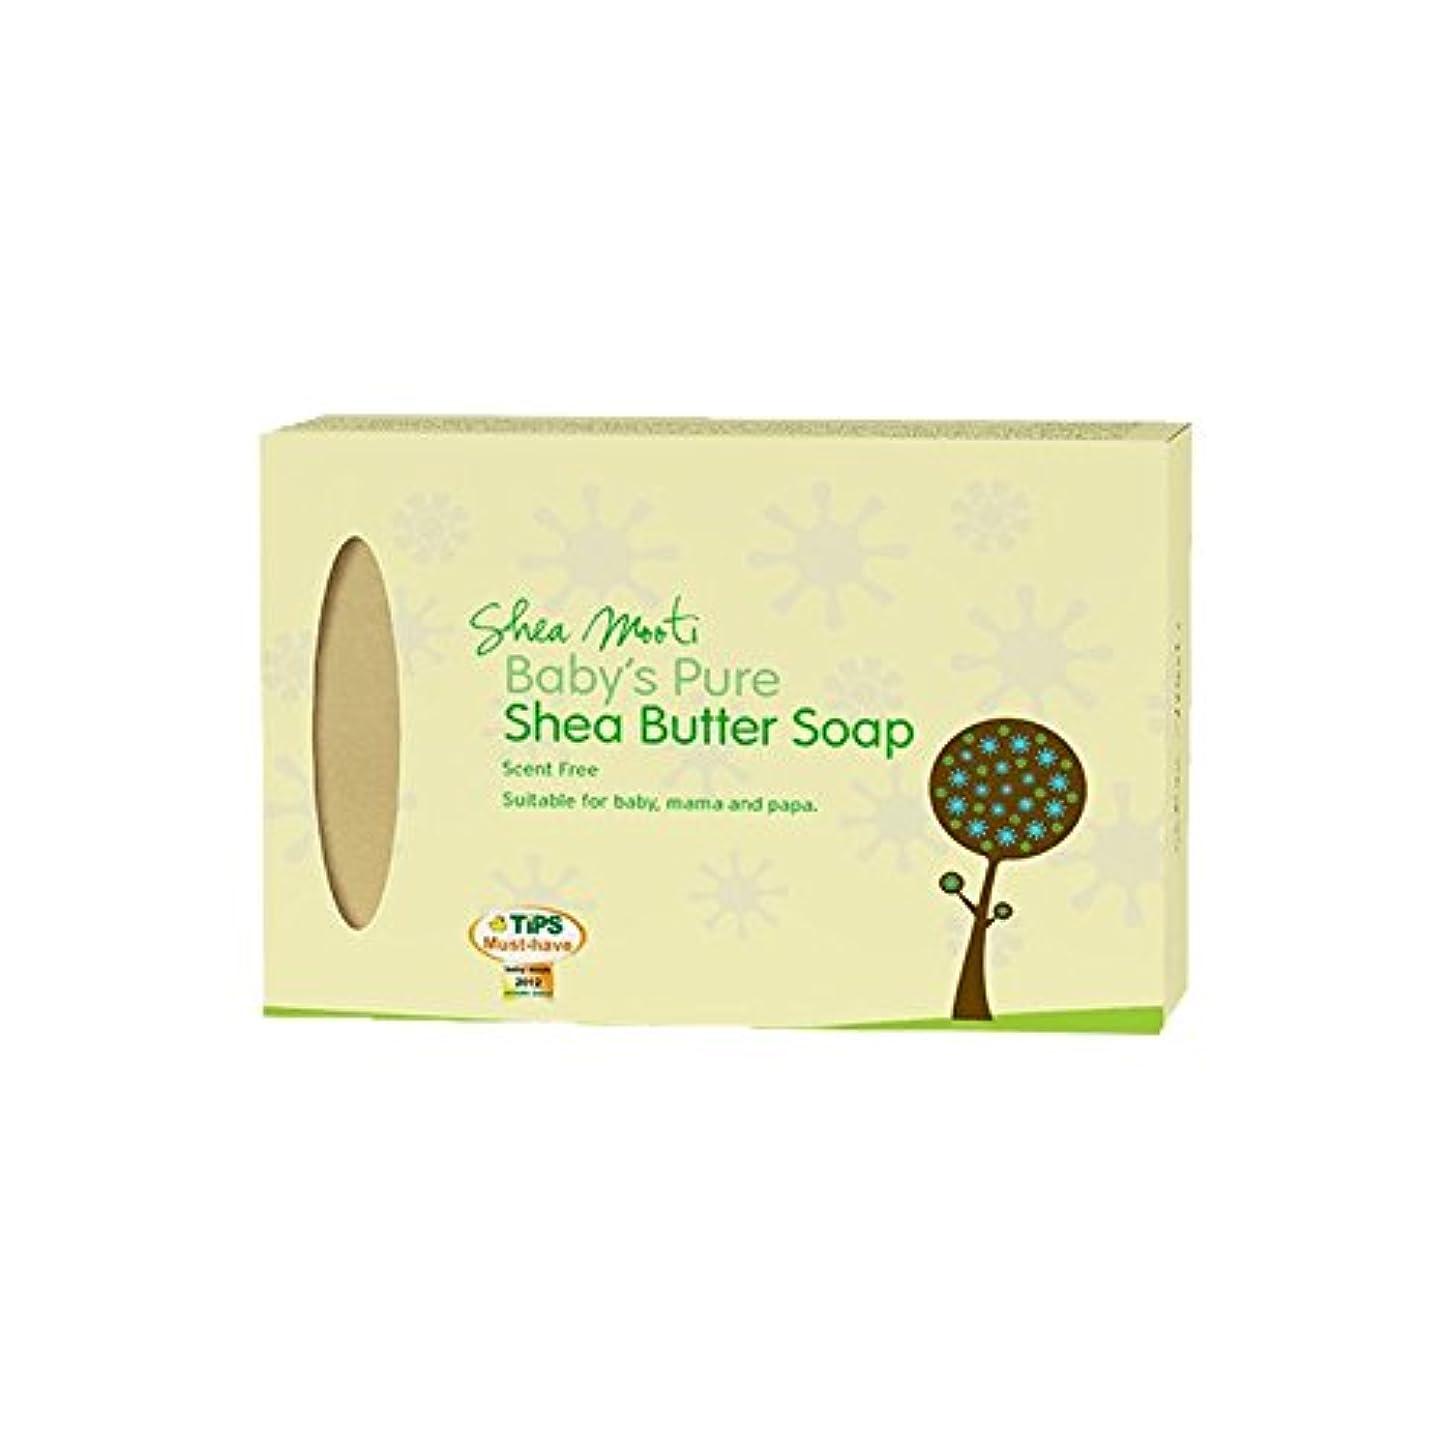 和らげる仮称ブロックするShea Mooti Baby's Pure Shea Butter Soap Unscented 250ml (Pack of 2) - シアバターMooti赤ちゃんの純粋なシアバターソープ無香250ミリリットル (x2...